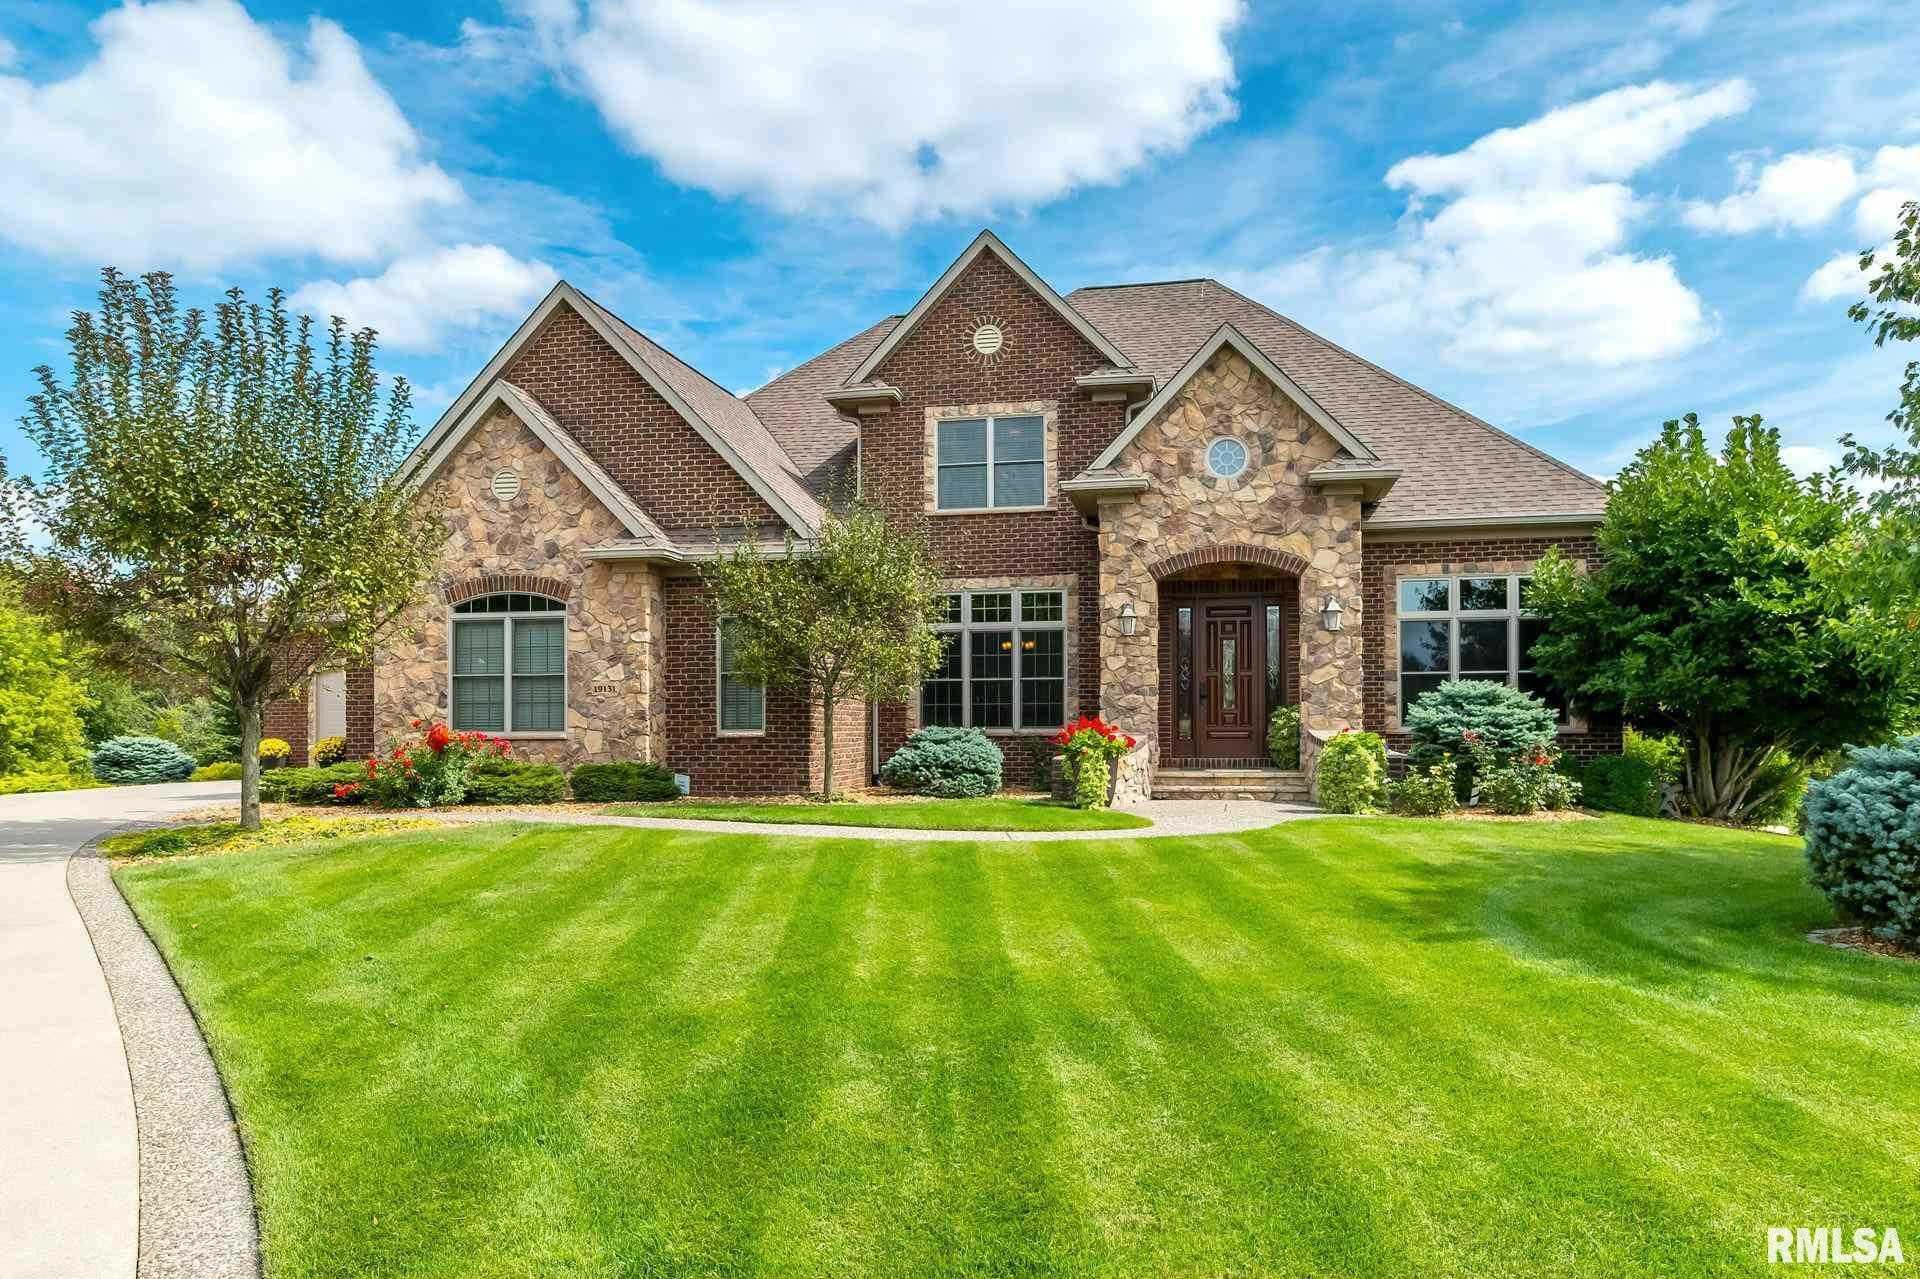 $988,500 - 4Br/6Ba -  for Sale in Venwood Estates, Bettendorf